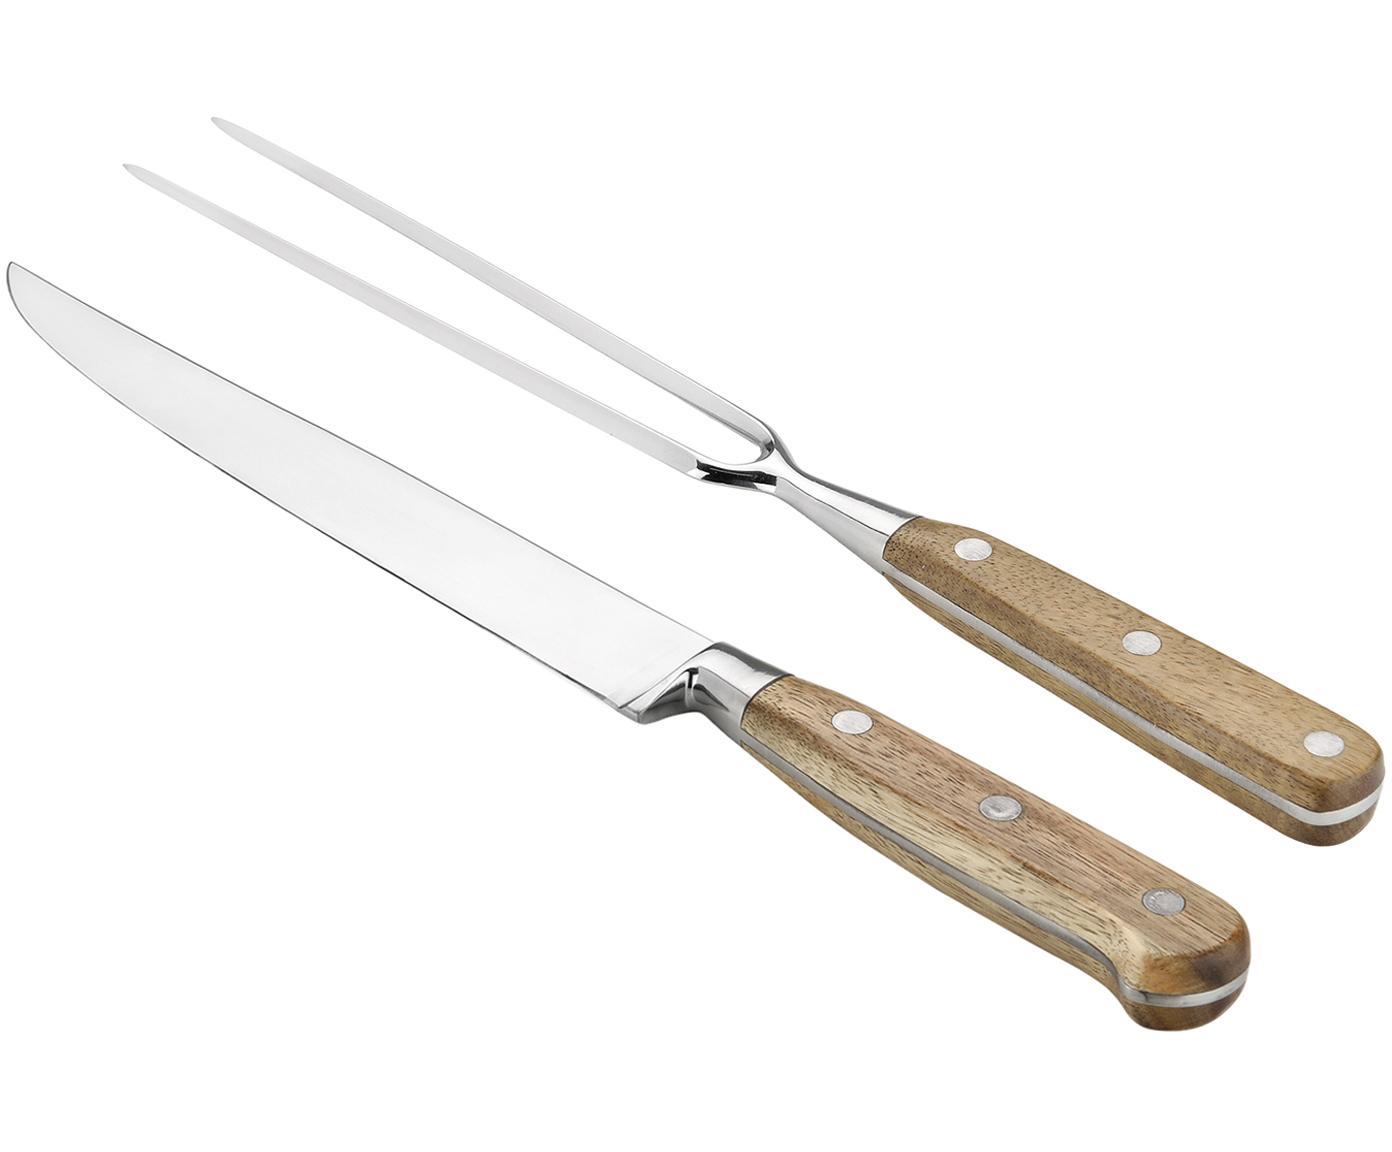 Set cuchichos para trinchar Var, 2pzas., Madera de acacia, acero inoxidable, Tamaños diferentes